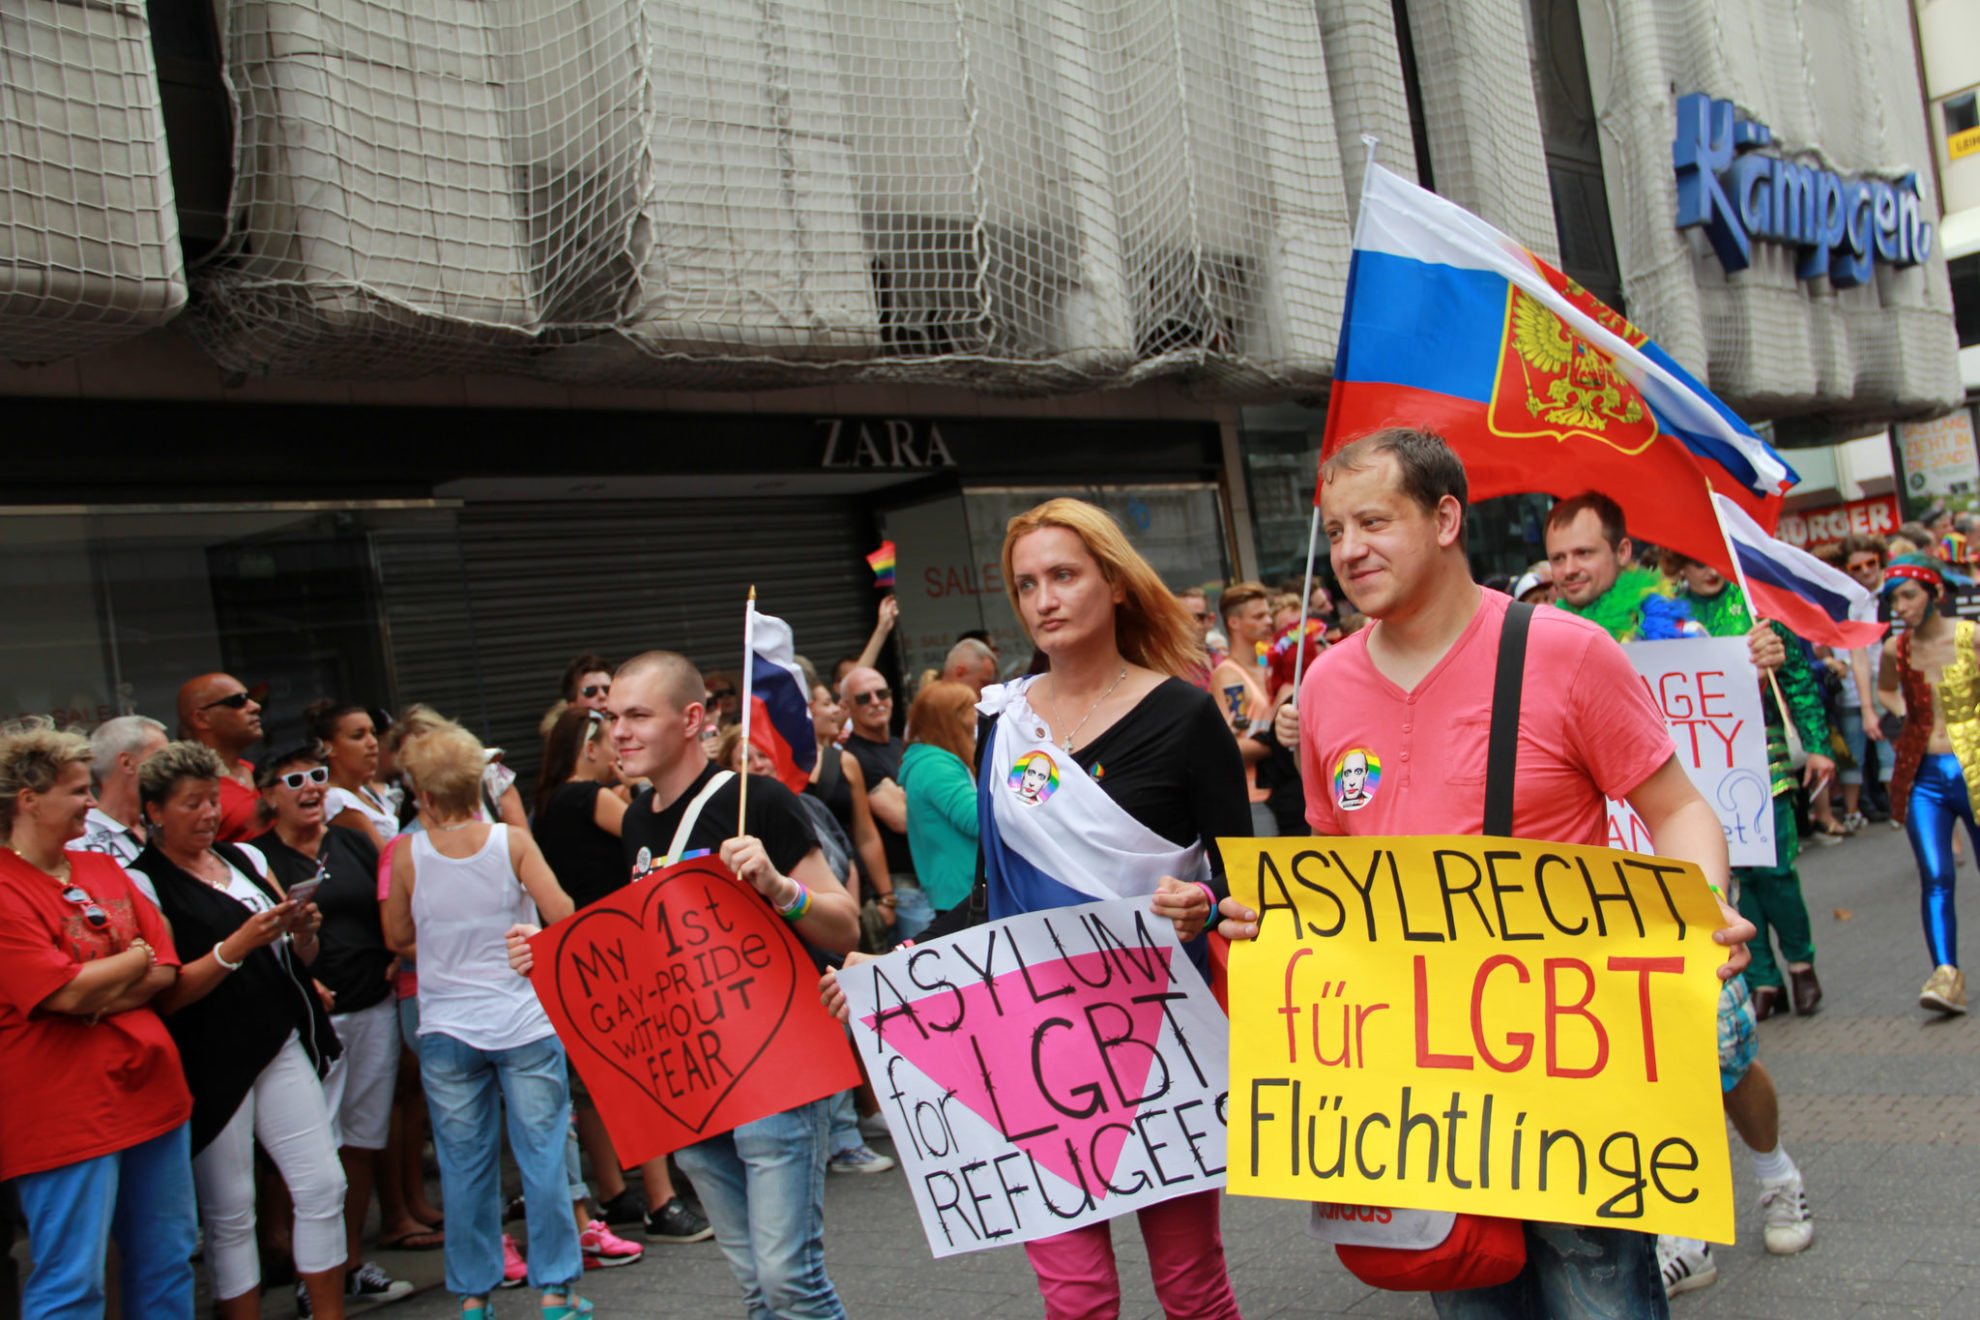 Manifestação pró-LGBTI em Colônia, Alemanha. Crédito: culturetastic/Flickr